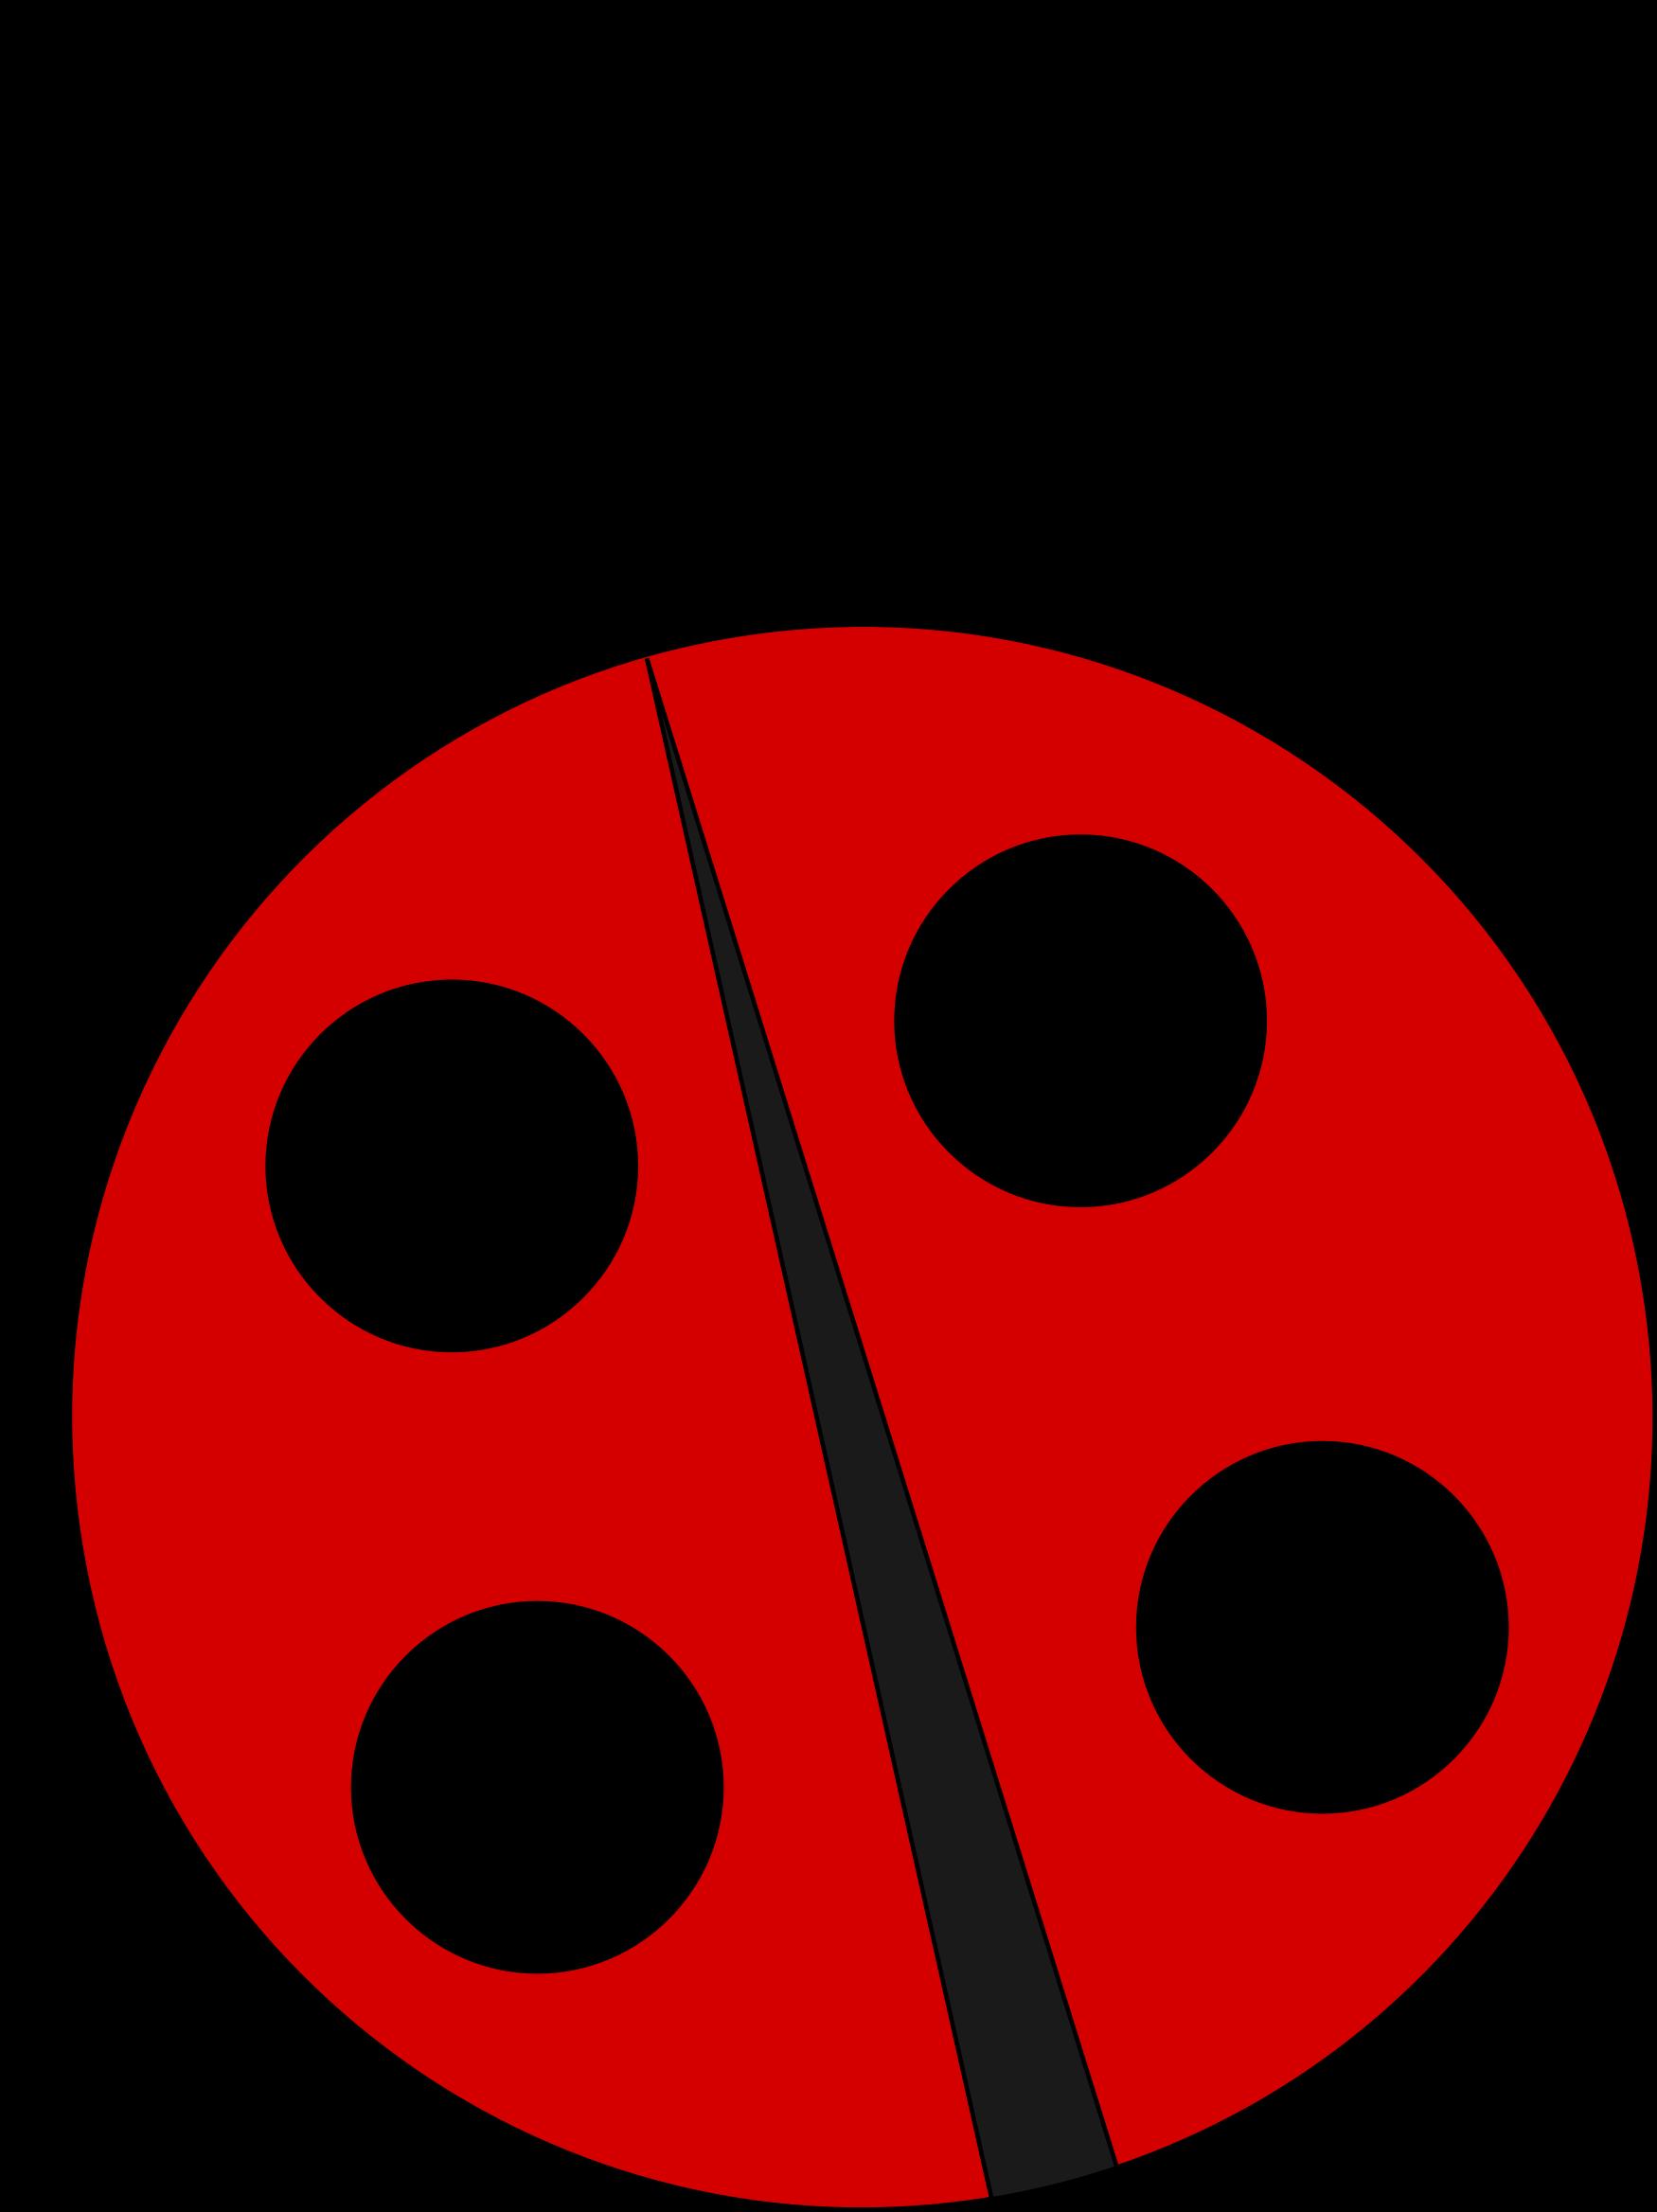 Clipart Ladybug-Clipart ladybug-4